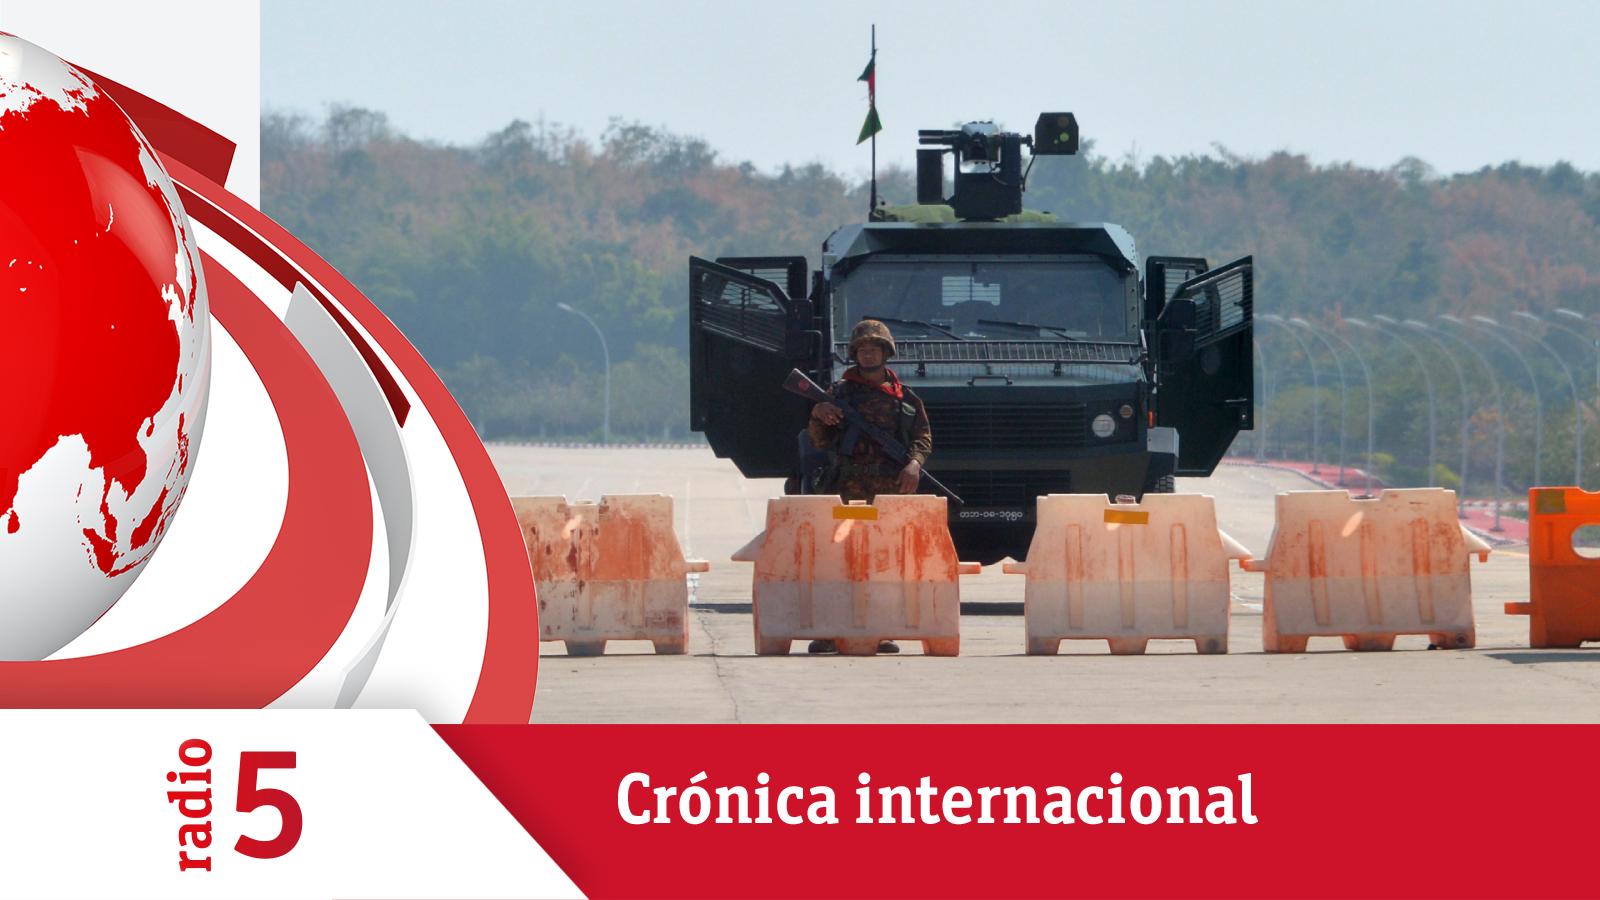 Crónica Internacional - La comunidad internacional condena el golpe de Estado en Myanmar